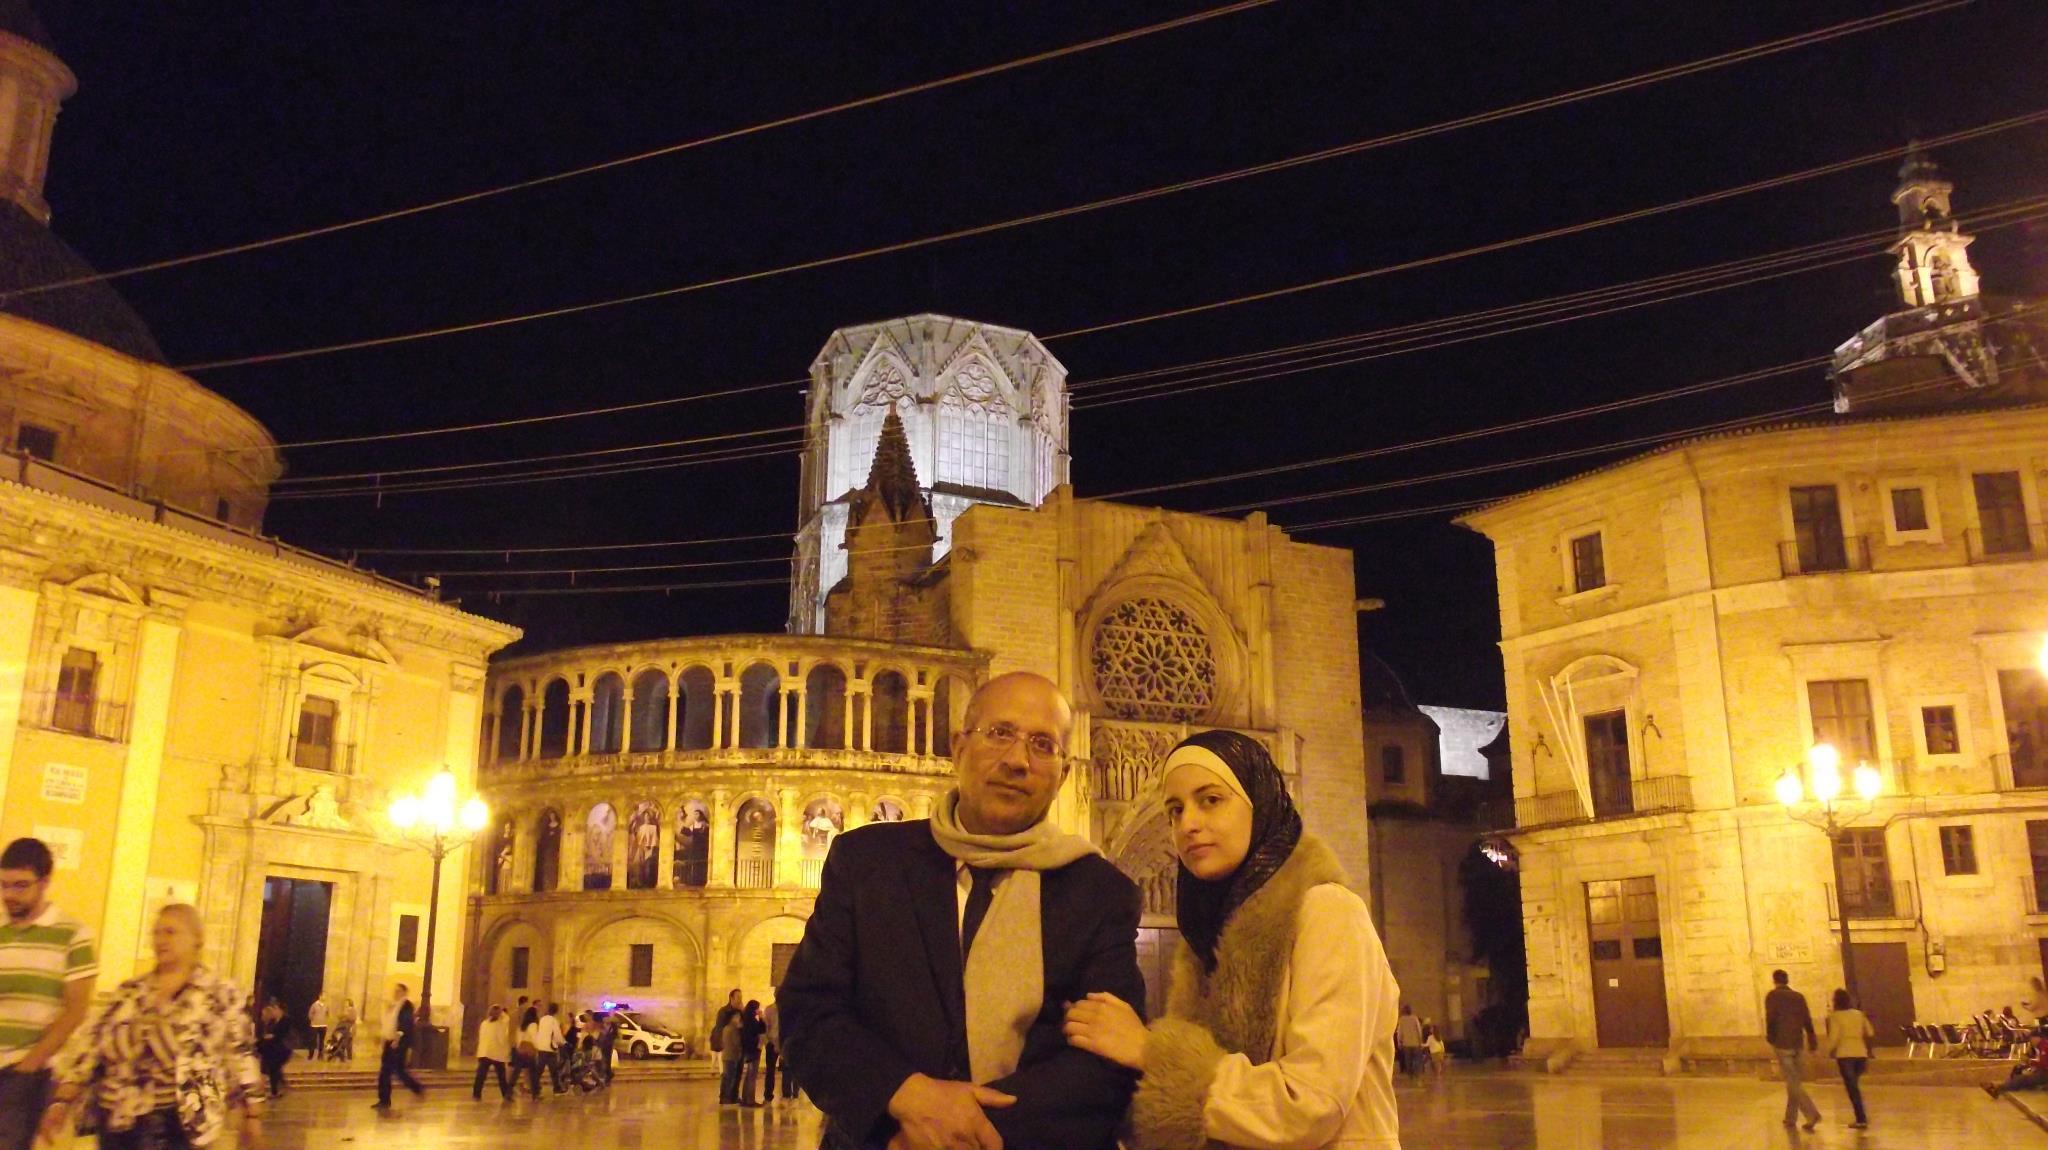 صورة من الذاكره : ساحة الكتدرال (بلنسيا – اسبانيا) – أكتوبر 2012